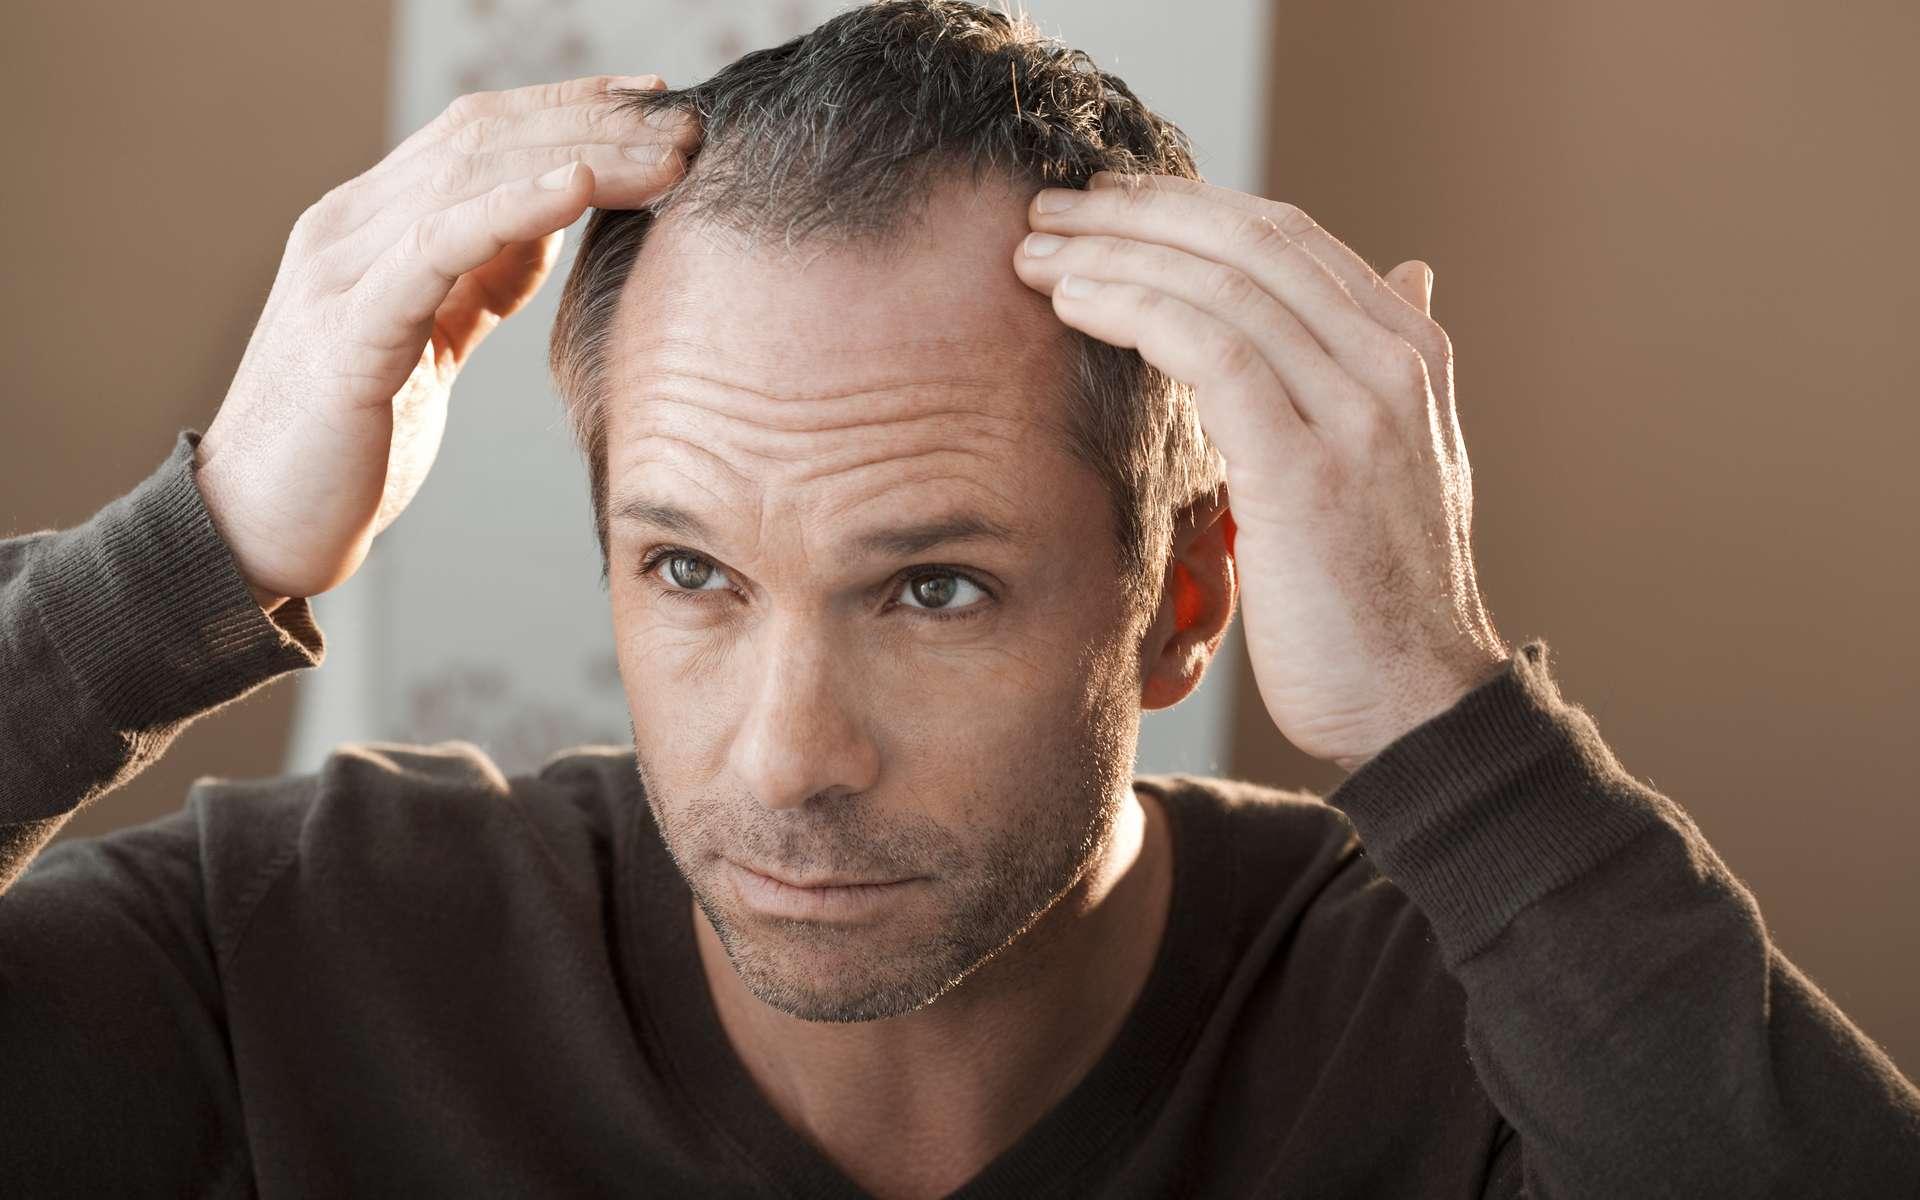 Les hommes sont plus touchés par l'alopécie androgénétique héréditaire (la calvitie) que les femmes. © RFBSIP, Adobe Stock